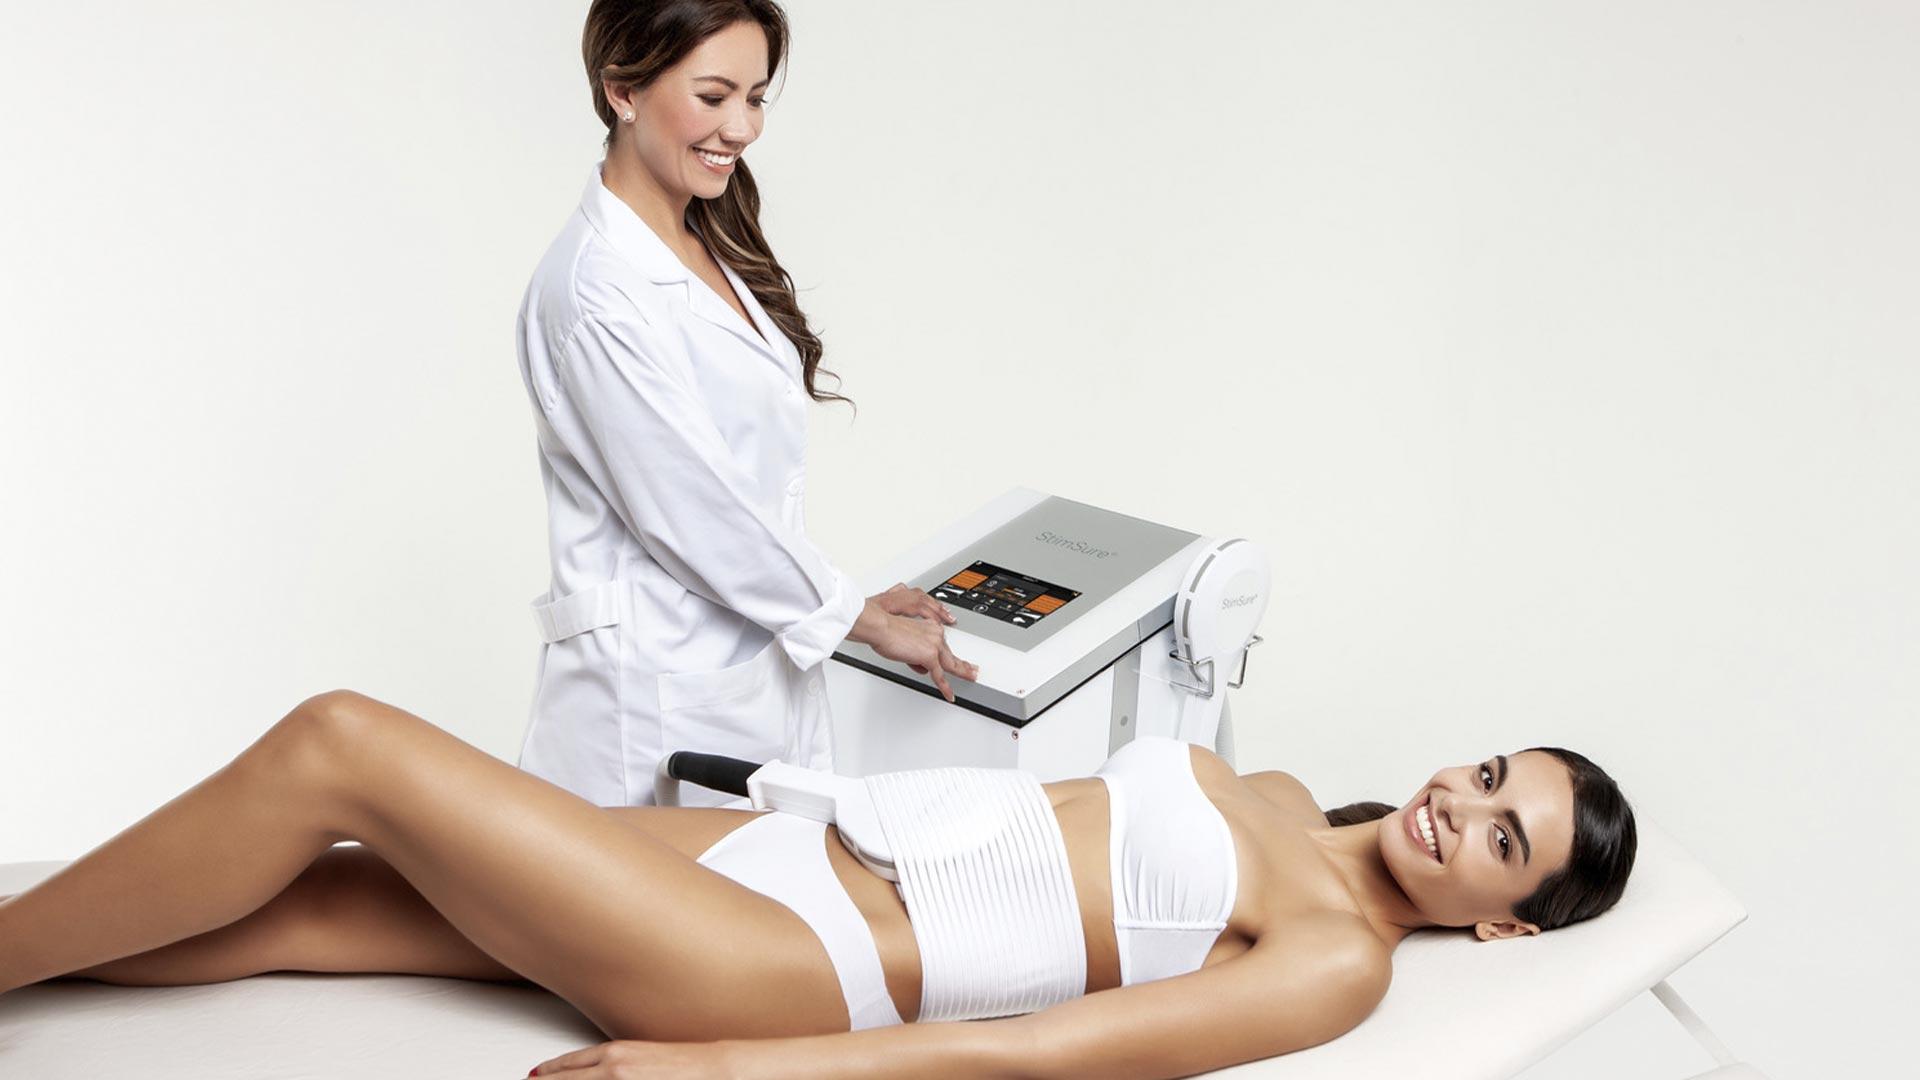 StimSure процедура, пациент, девушка, врач, аппарат